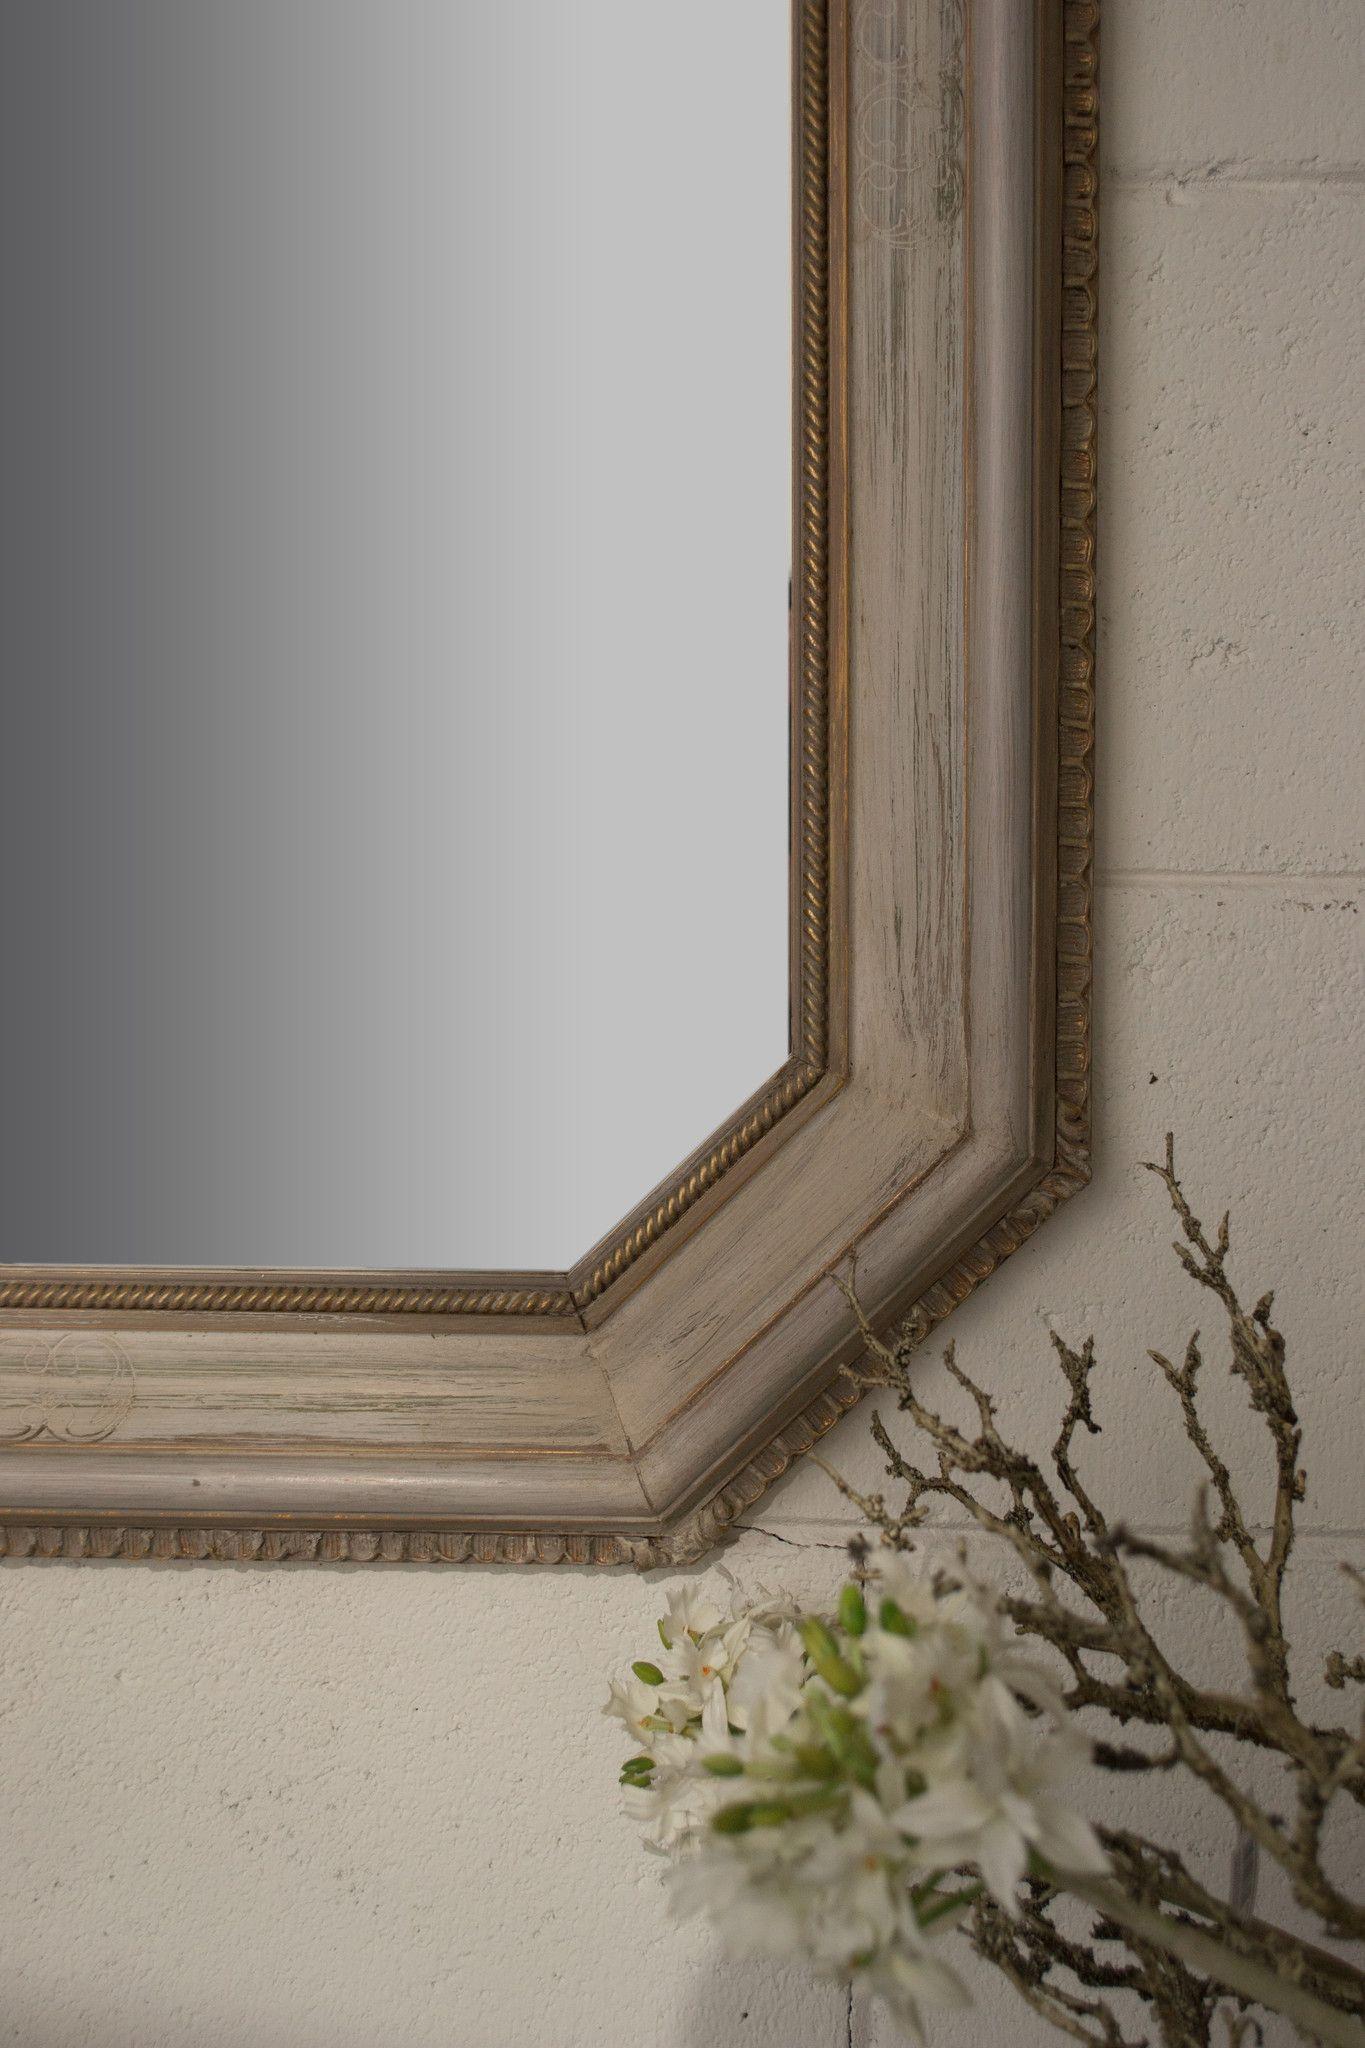 specchio shabby vintage arredo shop online mo ma decorazione mobili. Black Bedroom Furniture Sets. Home Design Ideas